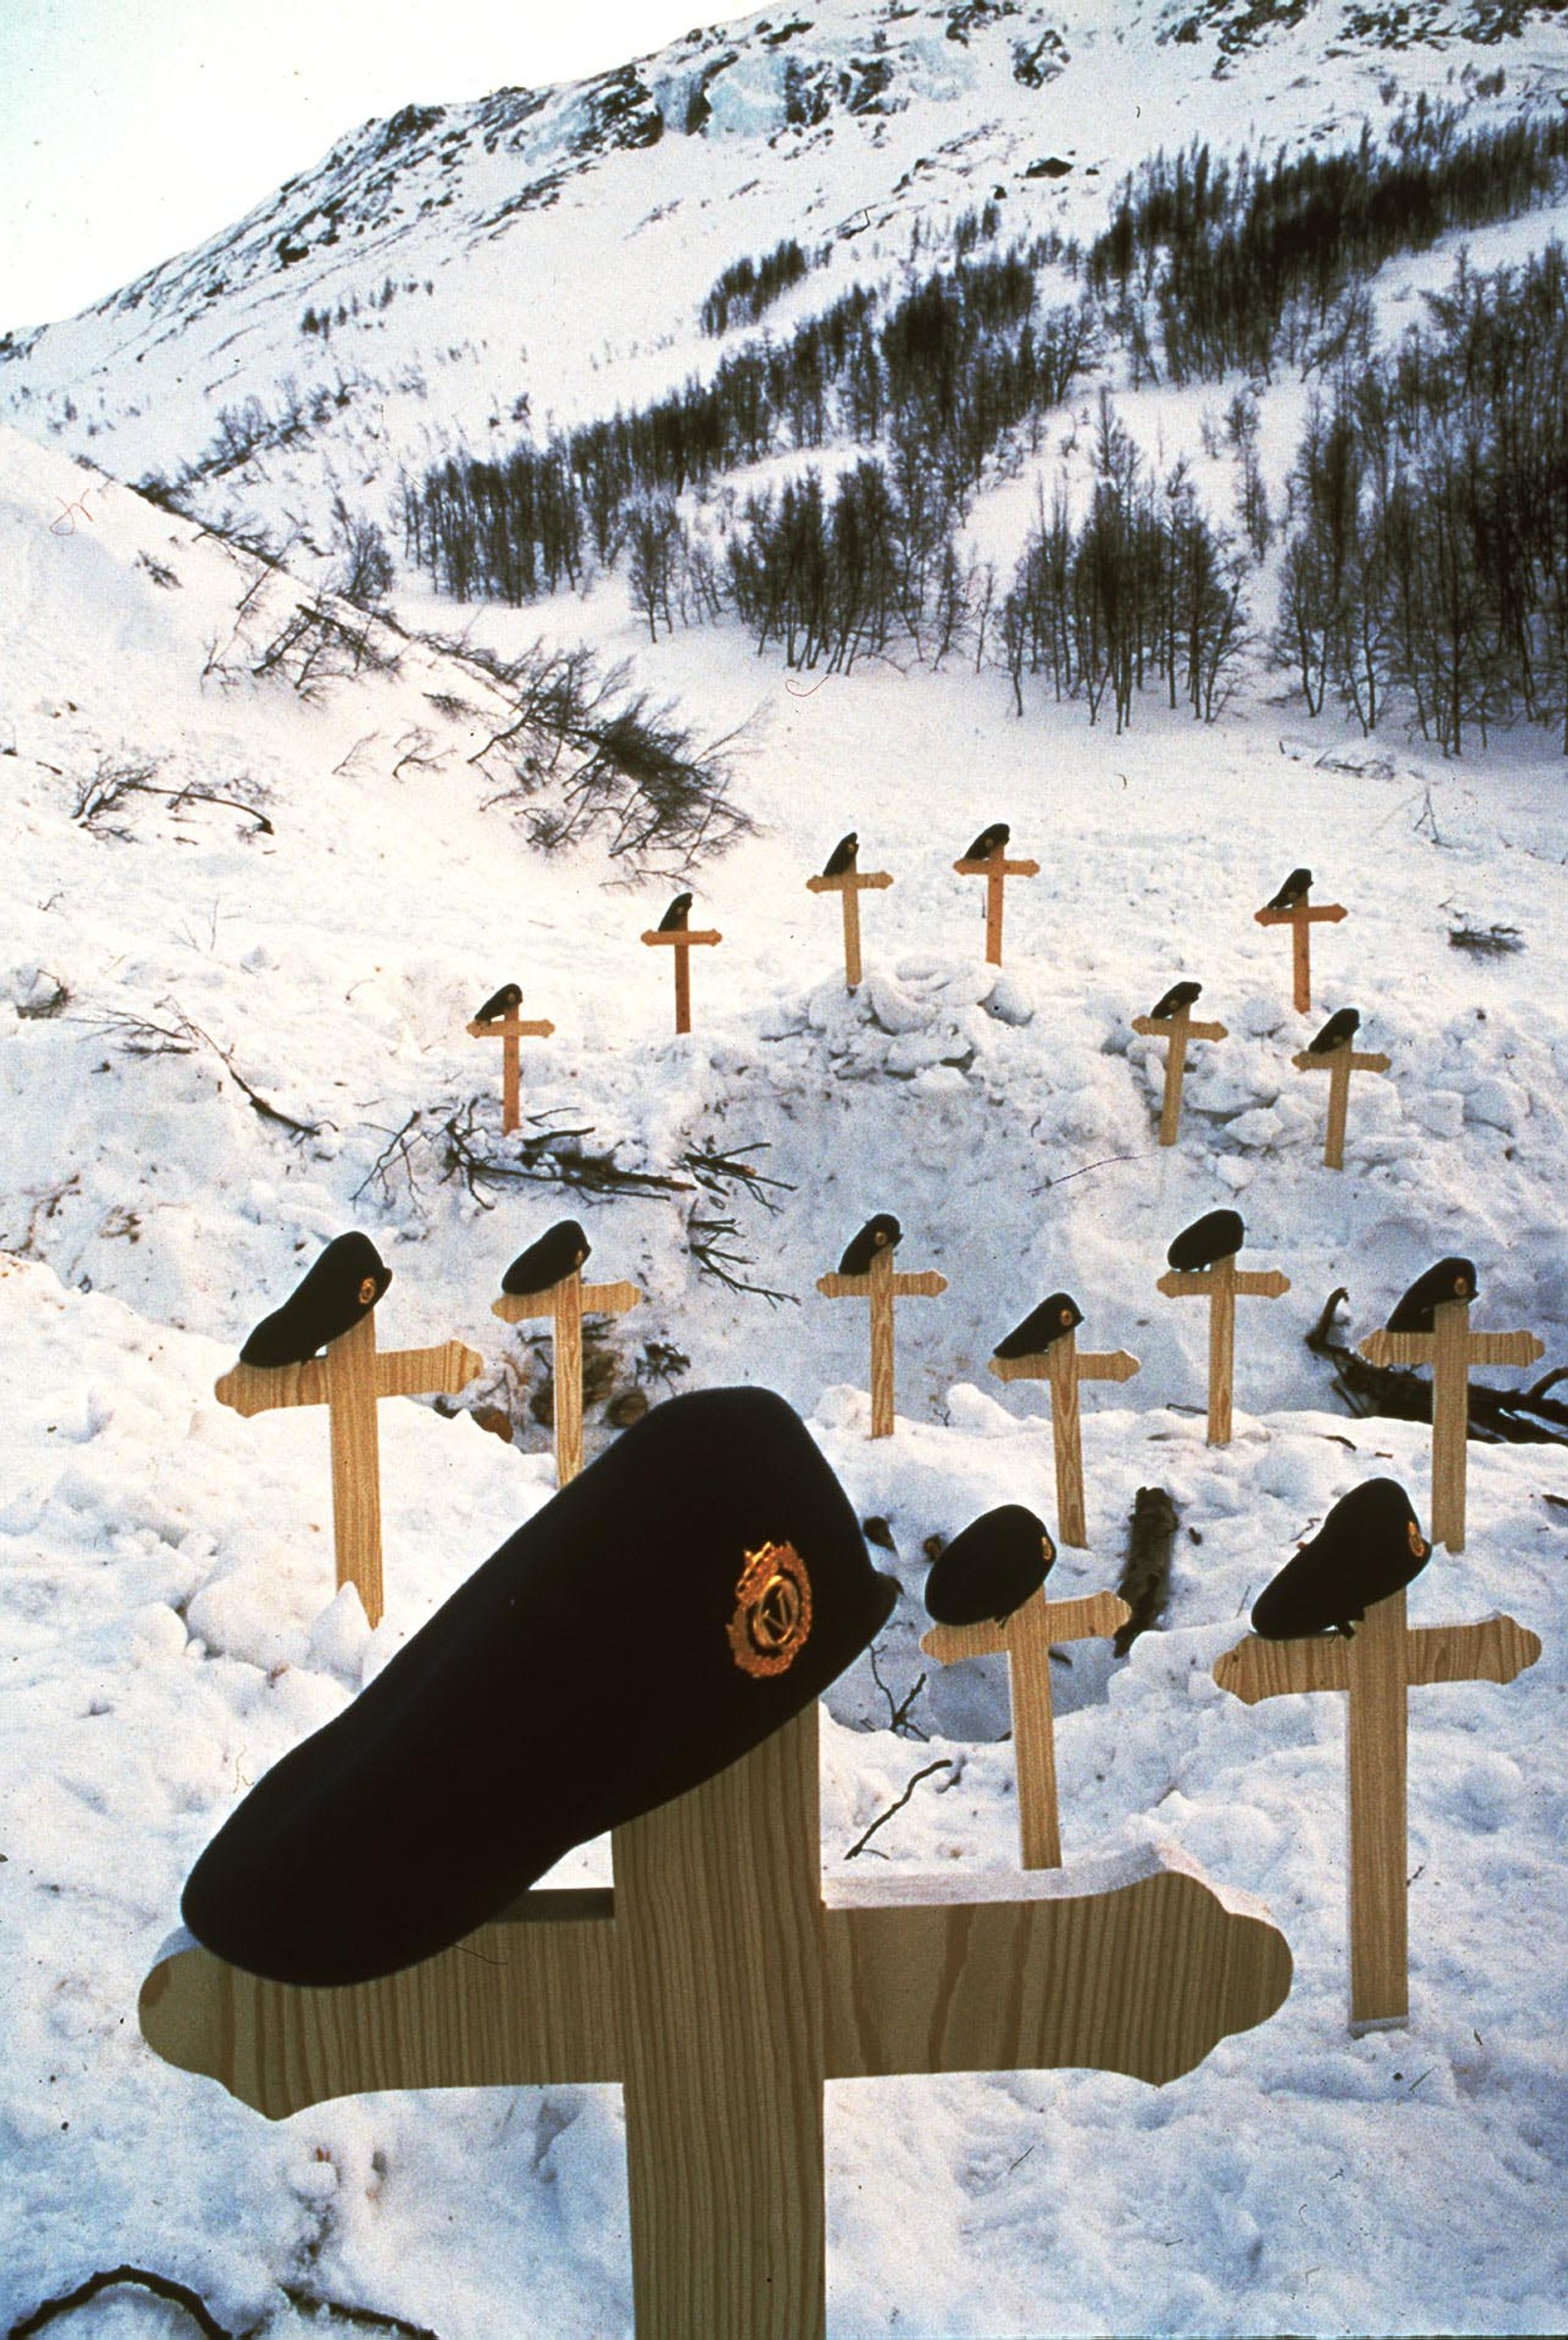 16 trekors, et for hver av de avdøde, ble plassert på rasstedet da redningsarbeidet var over.